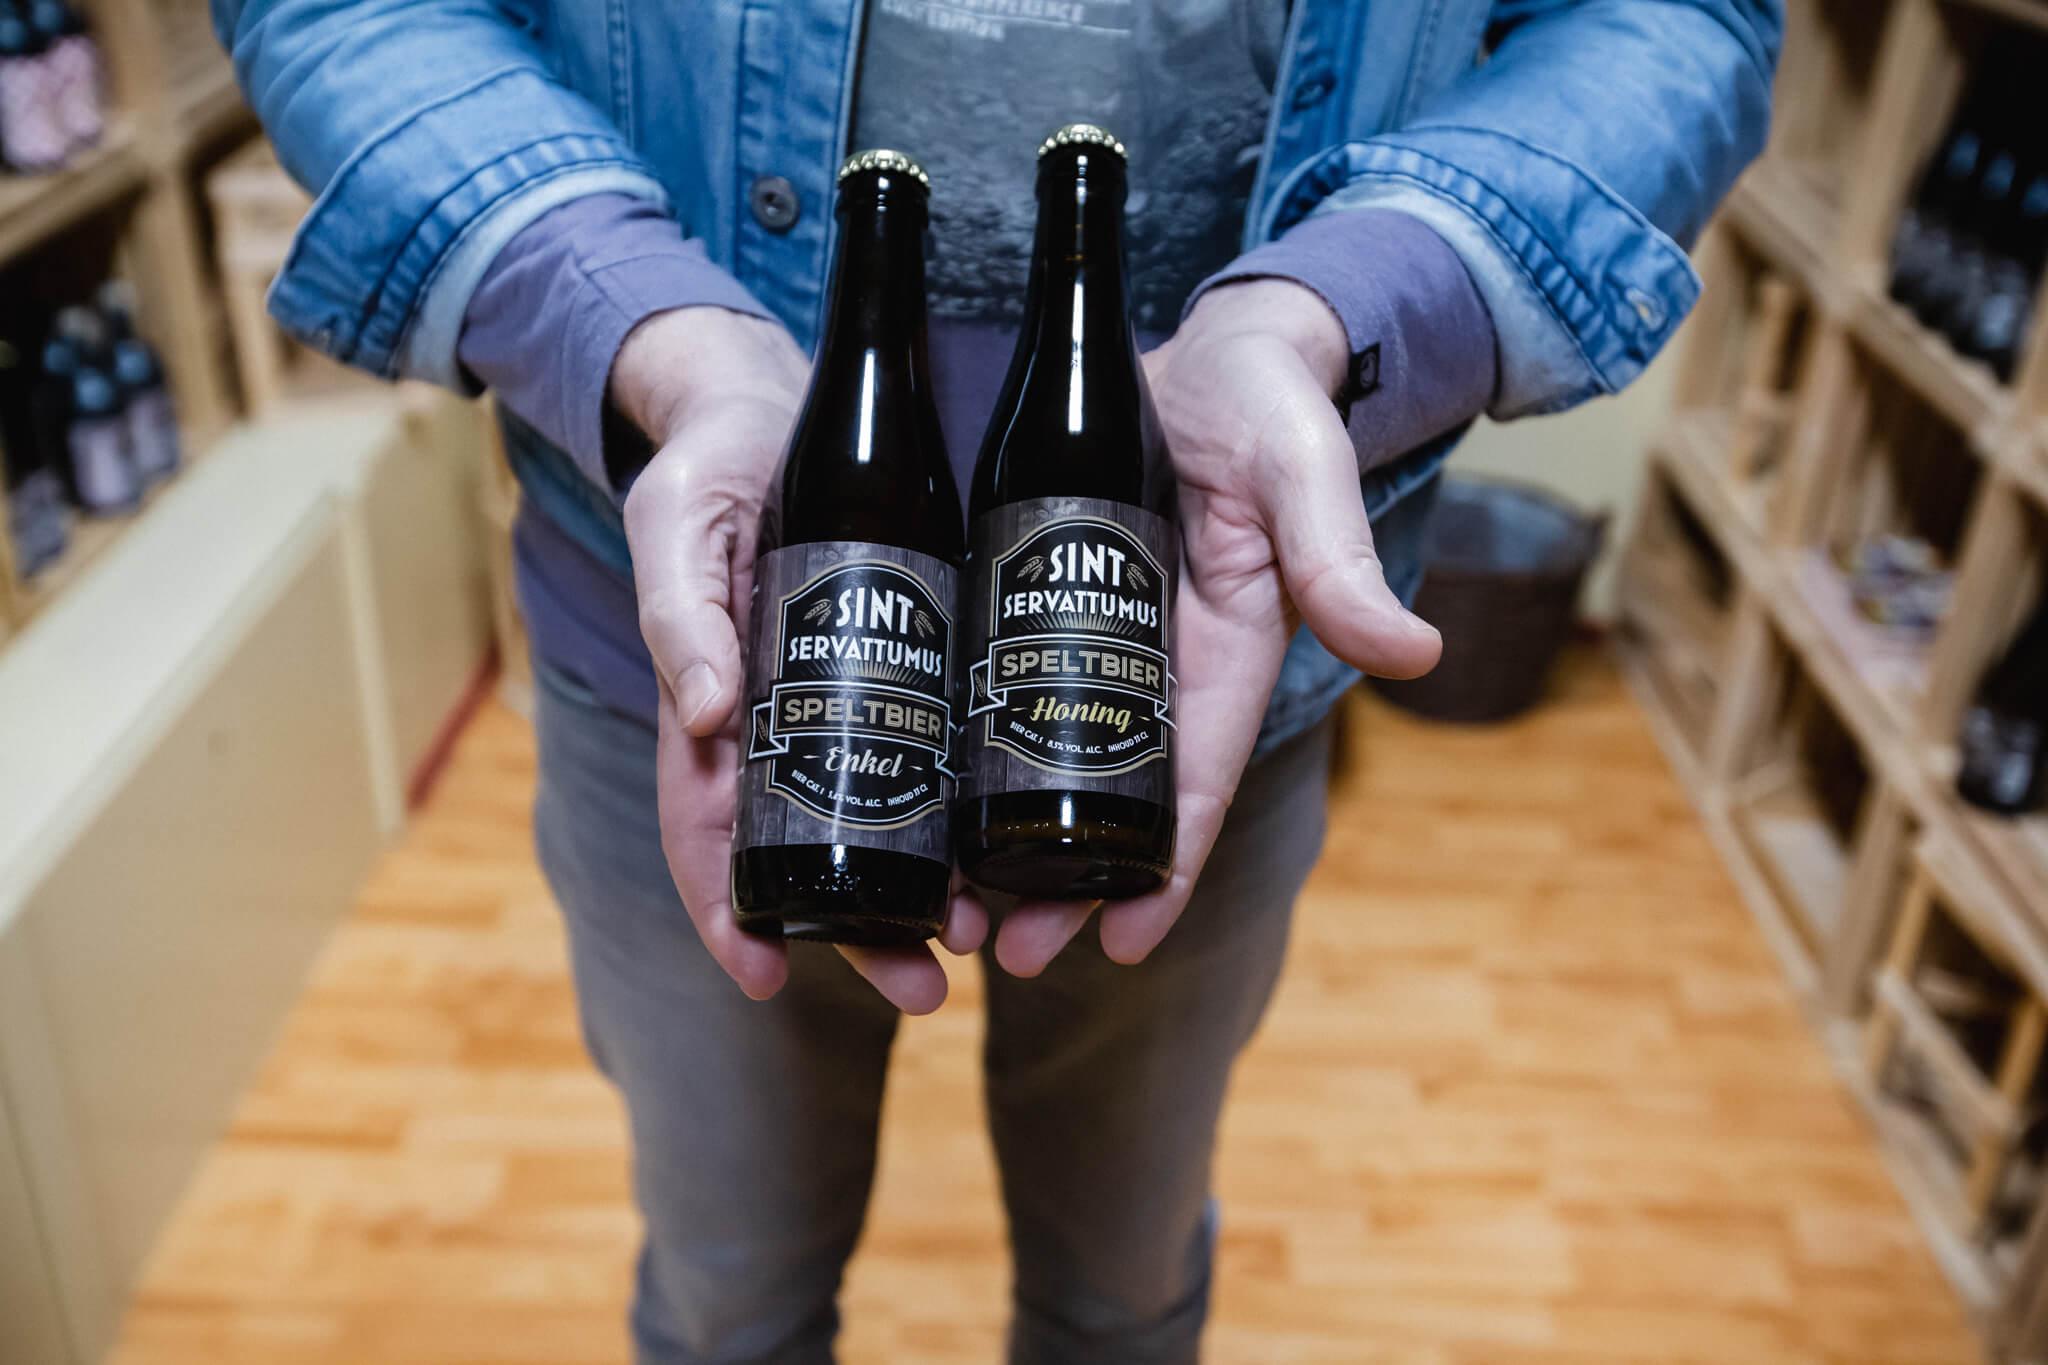 WEEK 17:  Het verhaal van de Bierbrouwerij Sint Servattumus